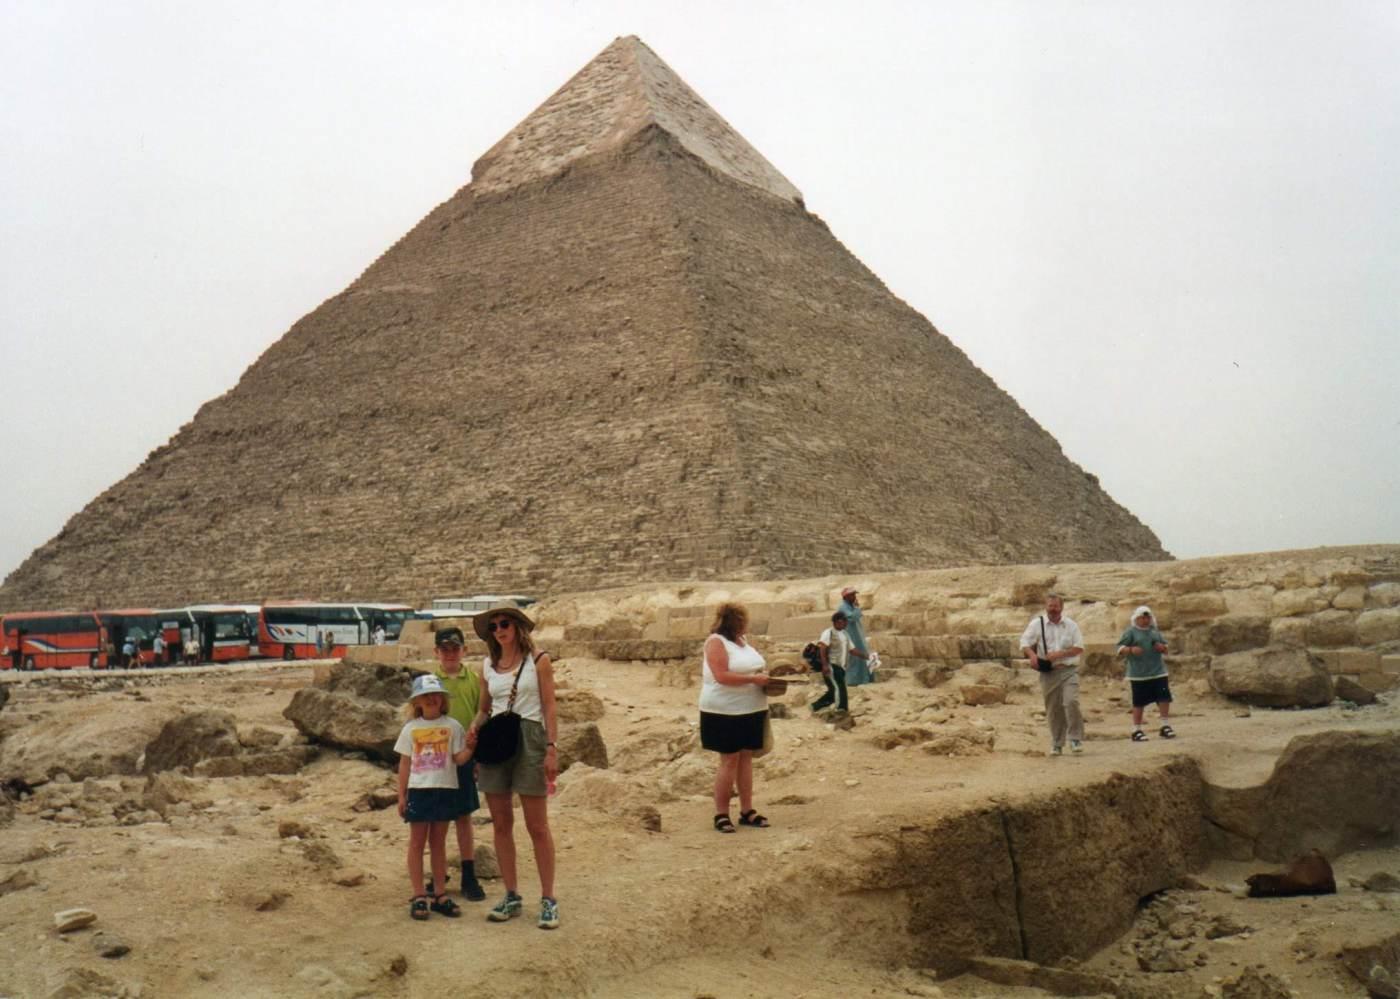 Visiting the Great Pyramid, Giza